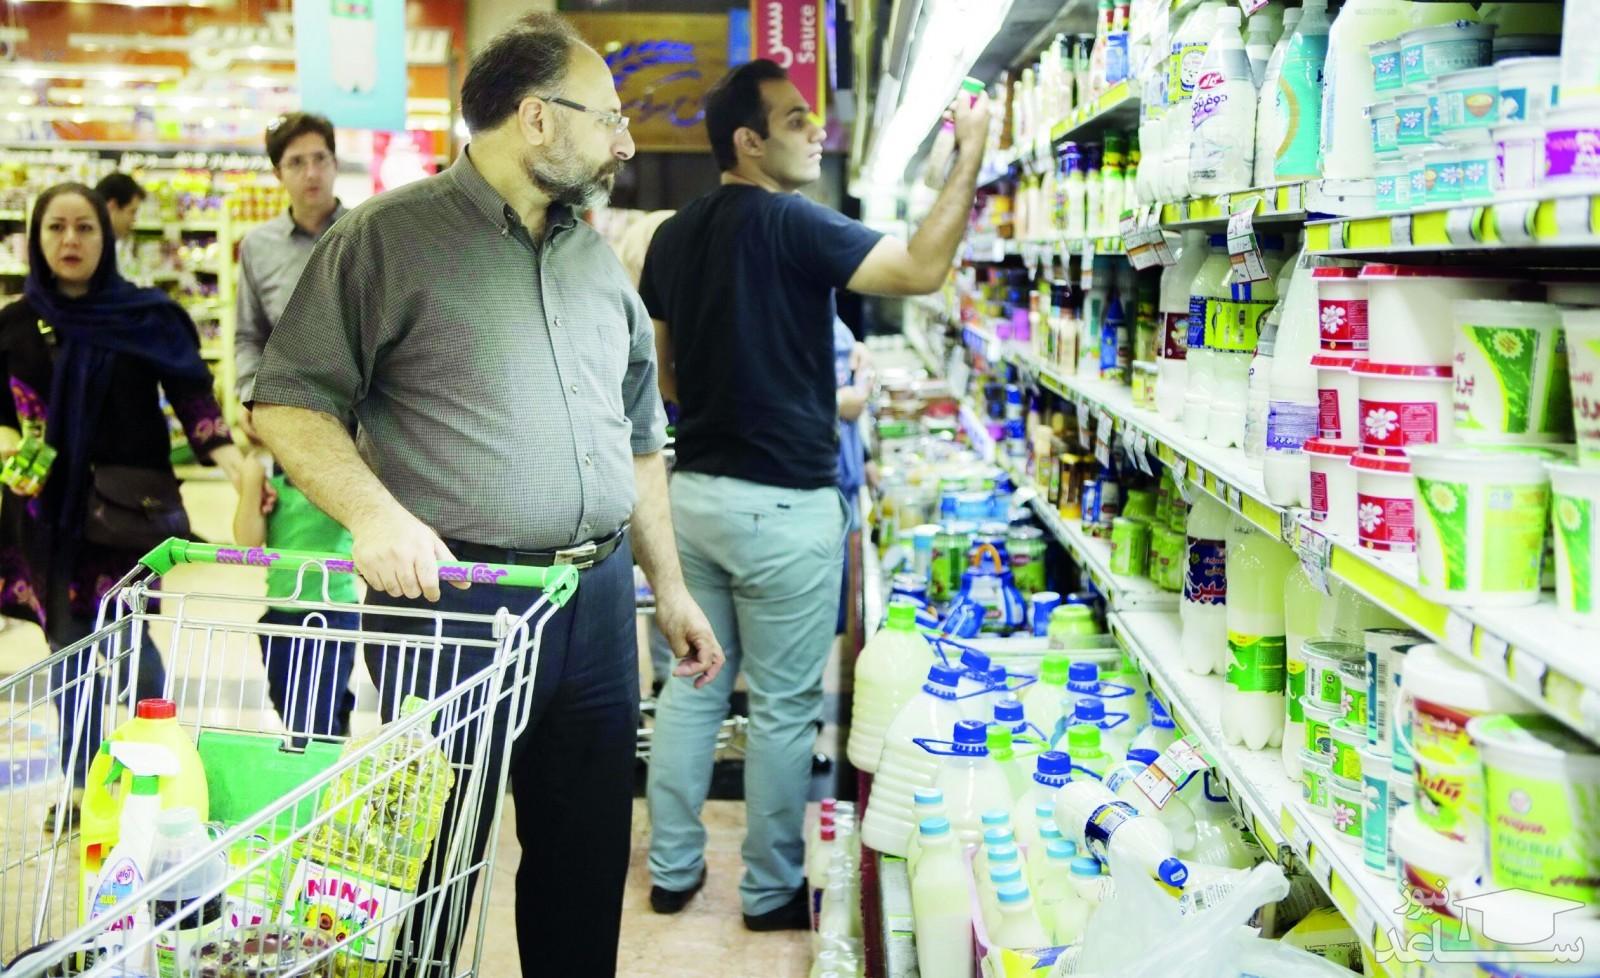 ۳ پیش بینی از افزایش قیمت مسکن، بهداشت و خوراکی ها